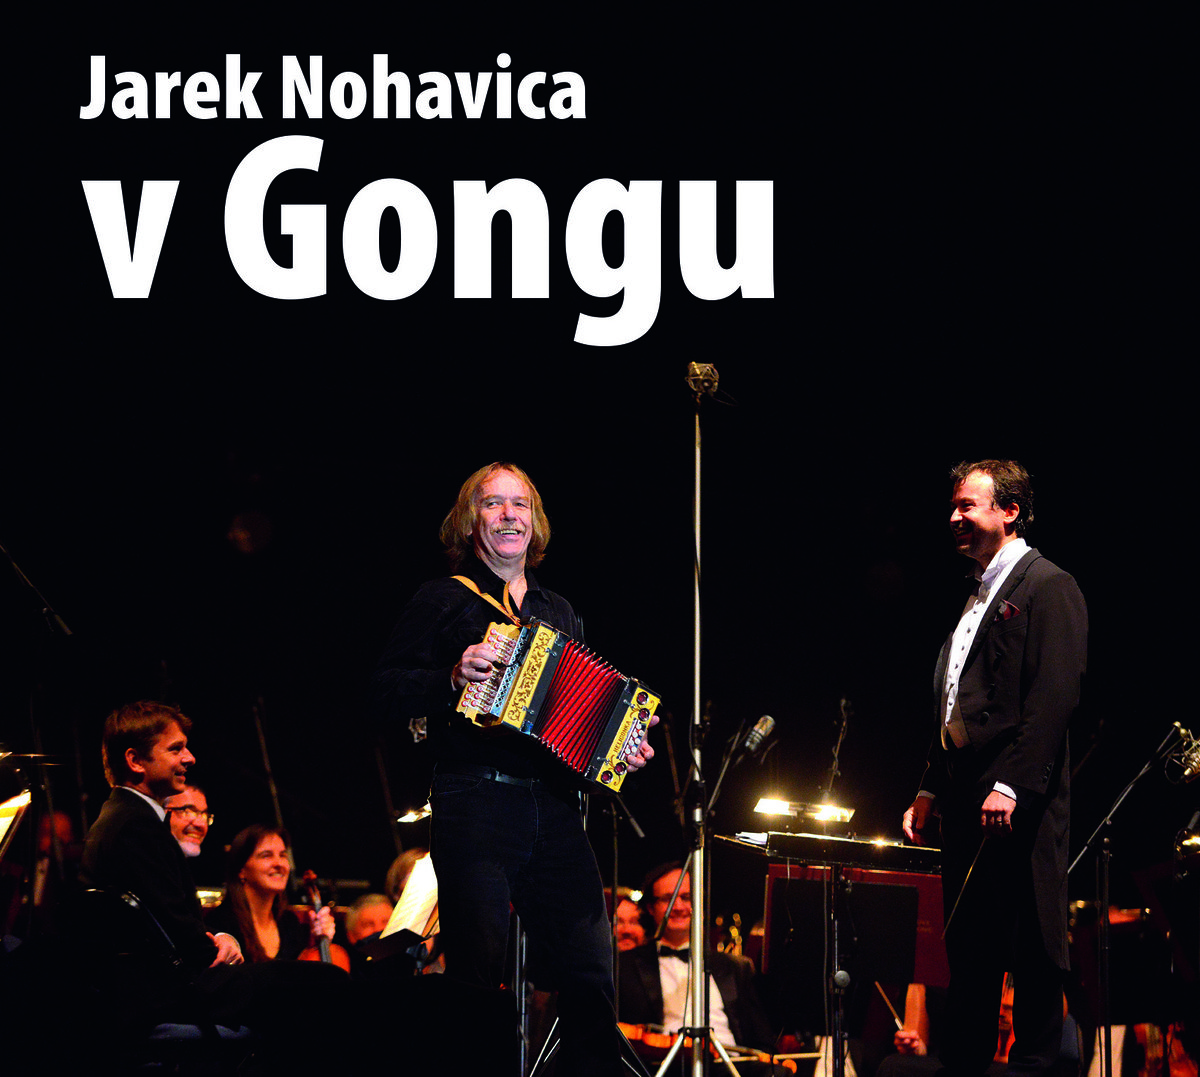 NOHAVICA JAROMIR – V Gongu